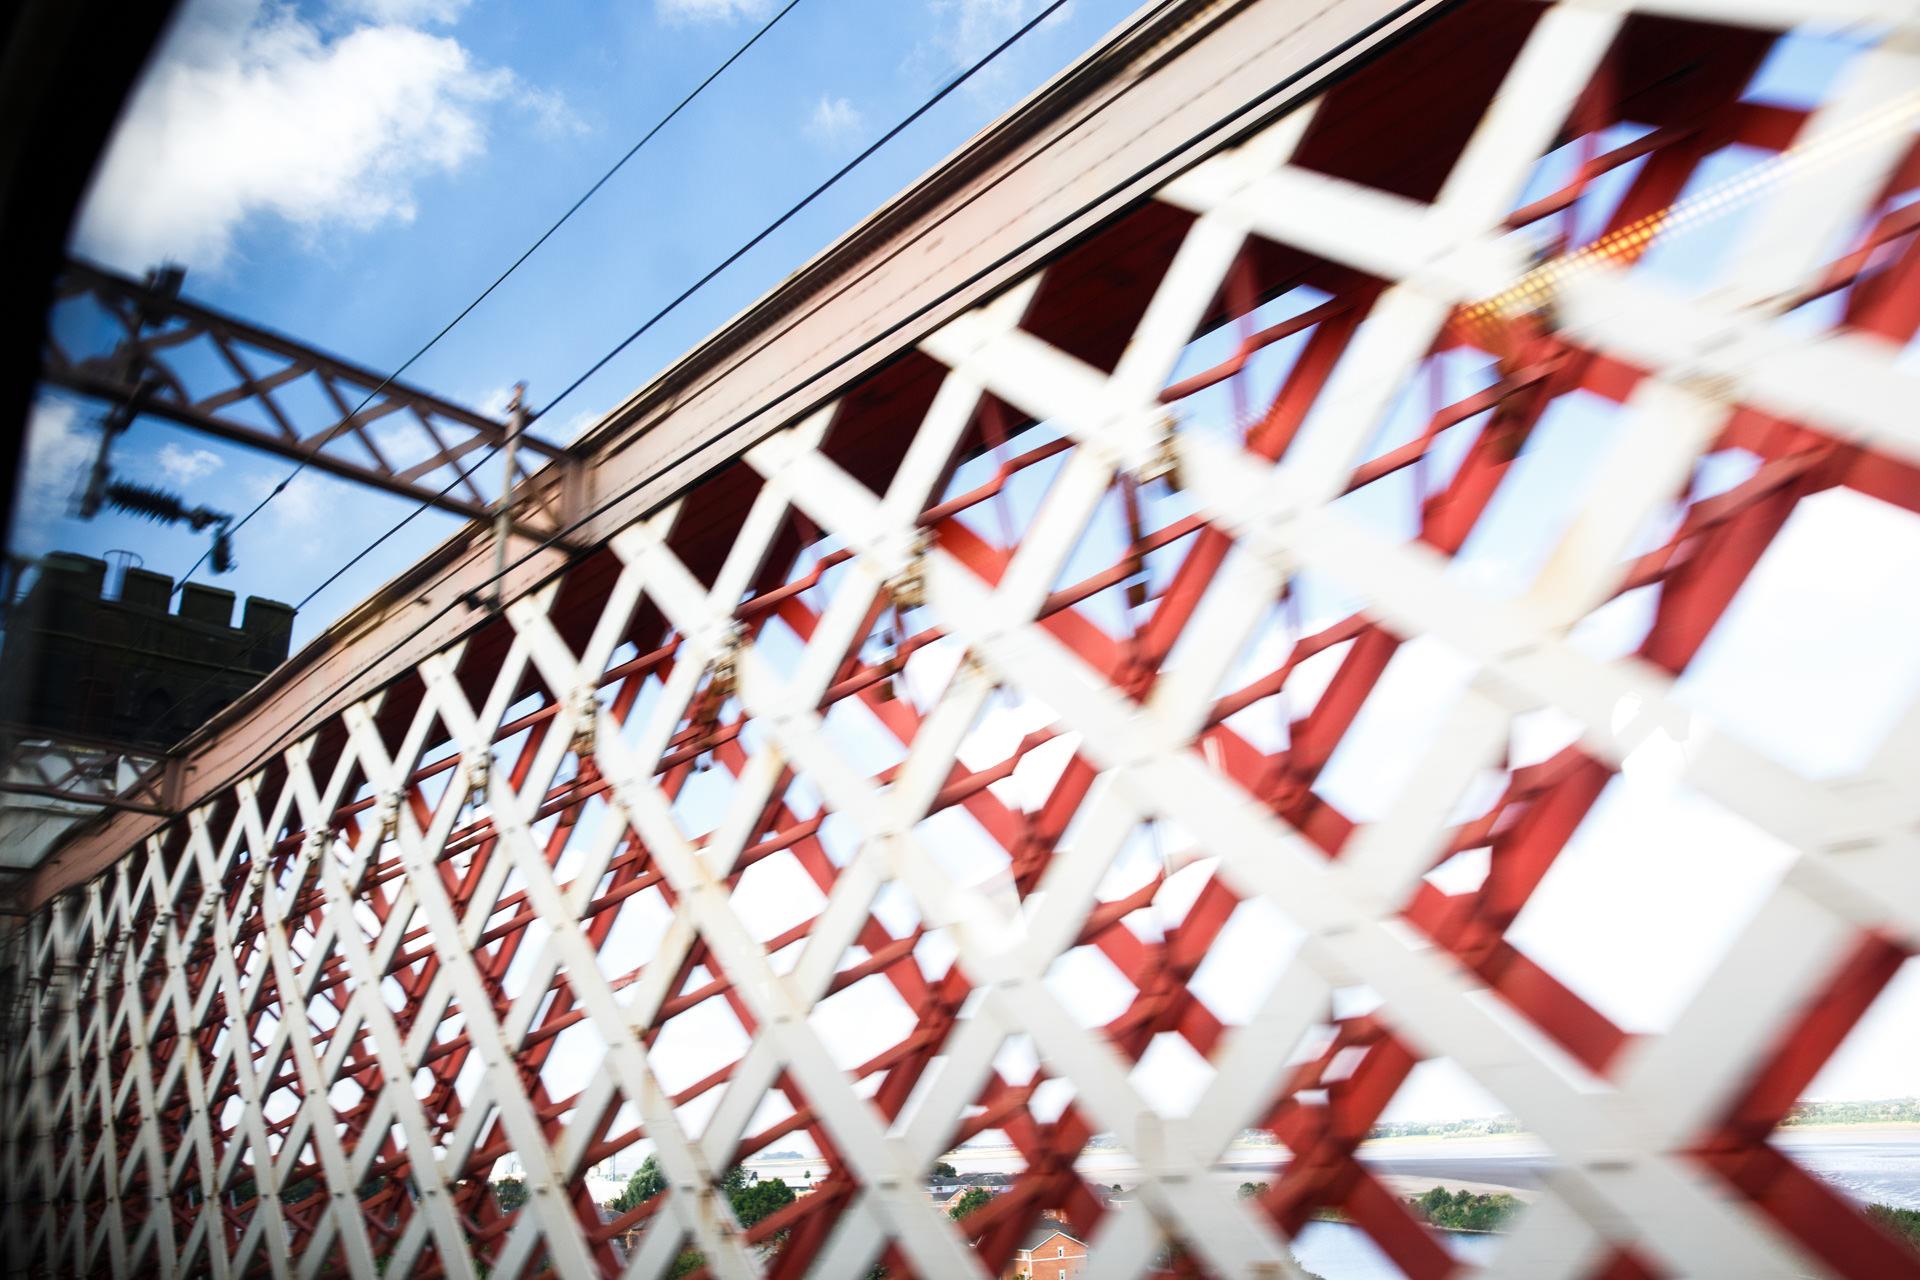 Crossing the Runcorn bridge back to...